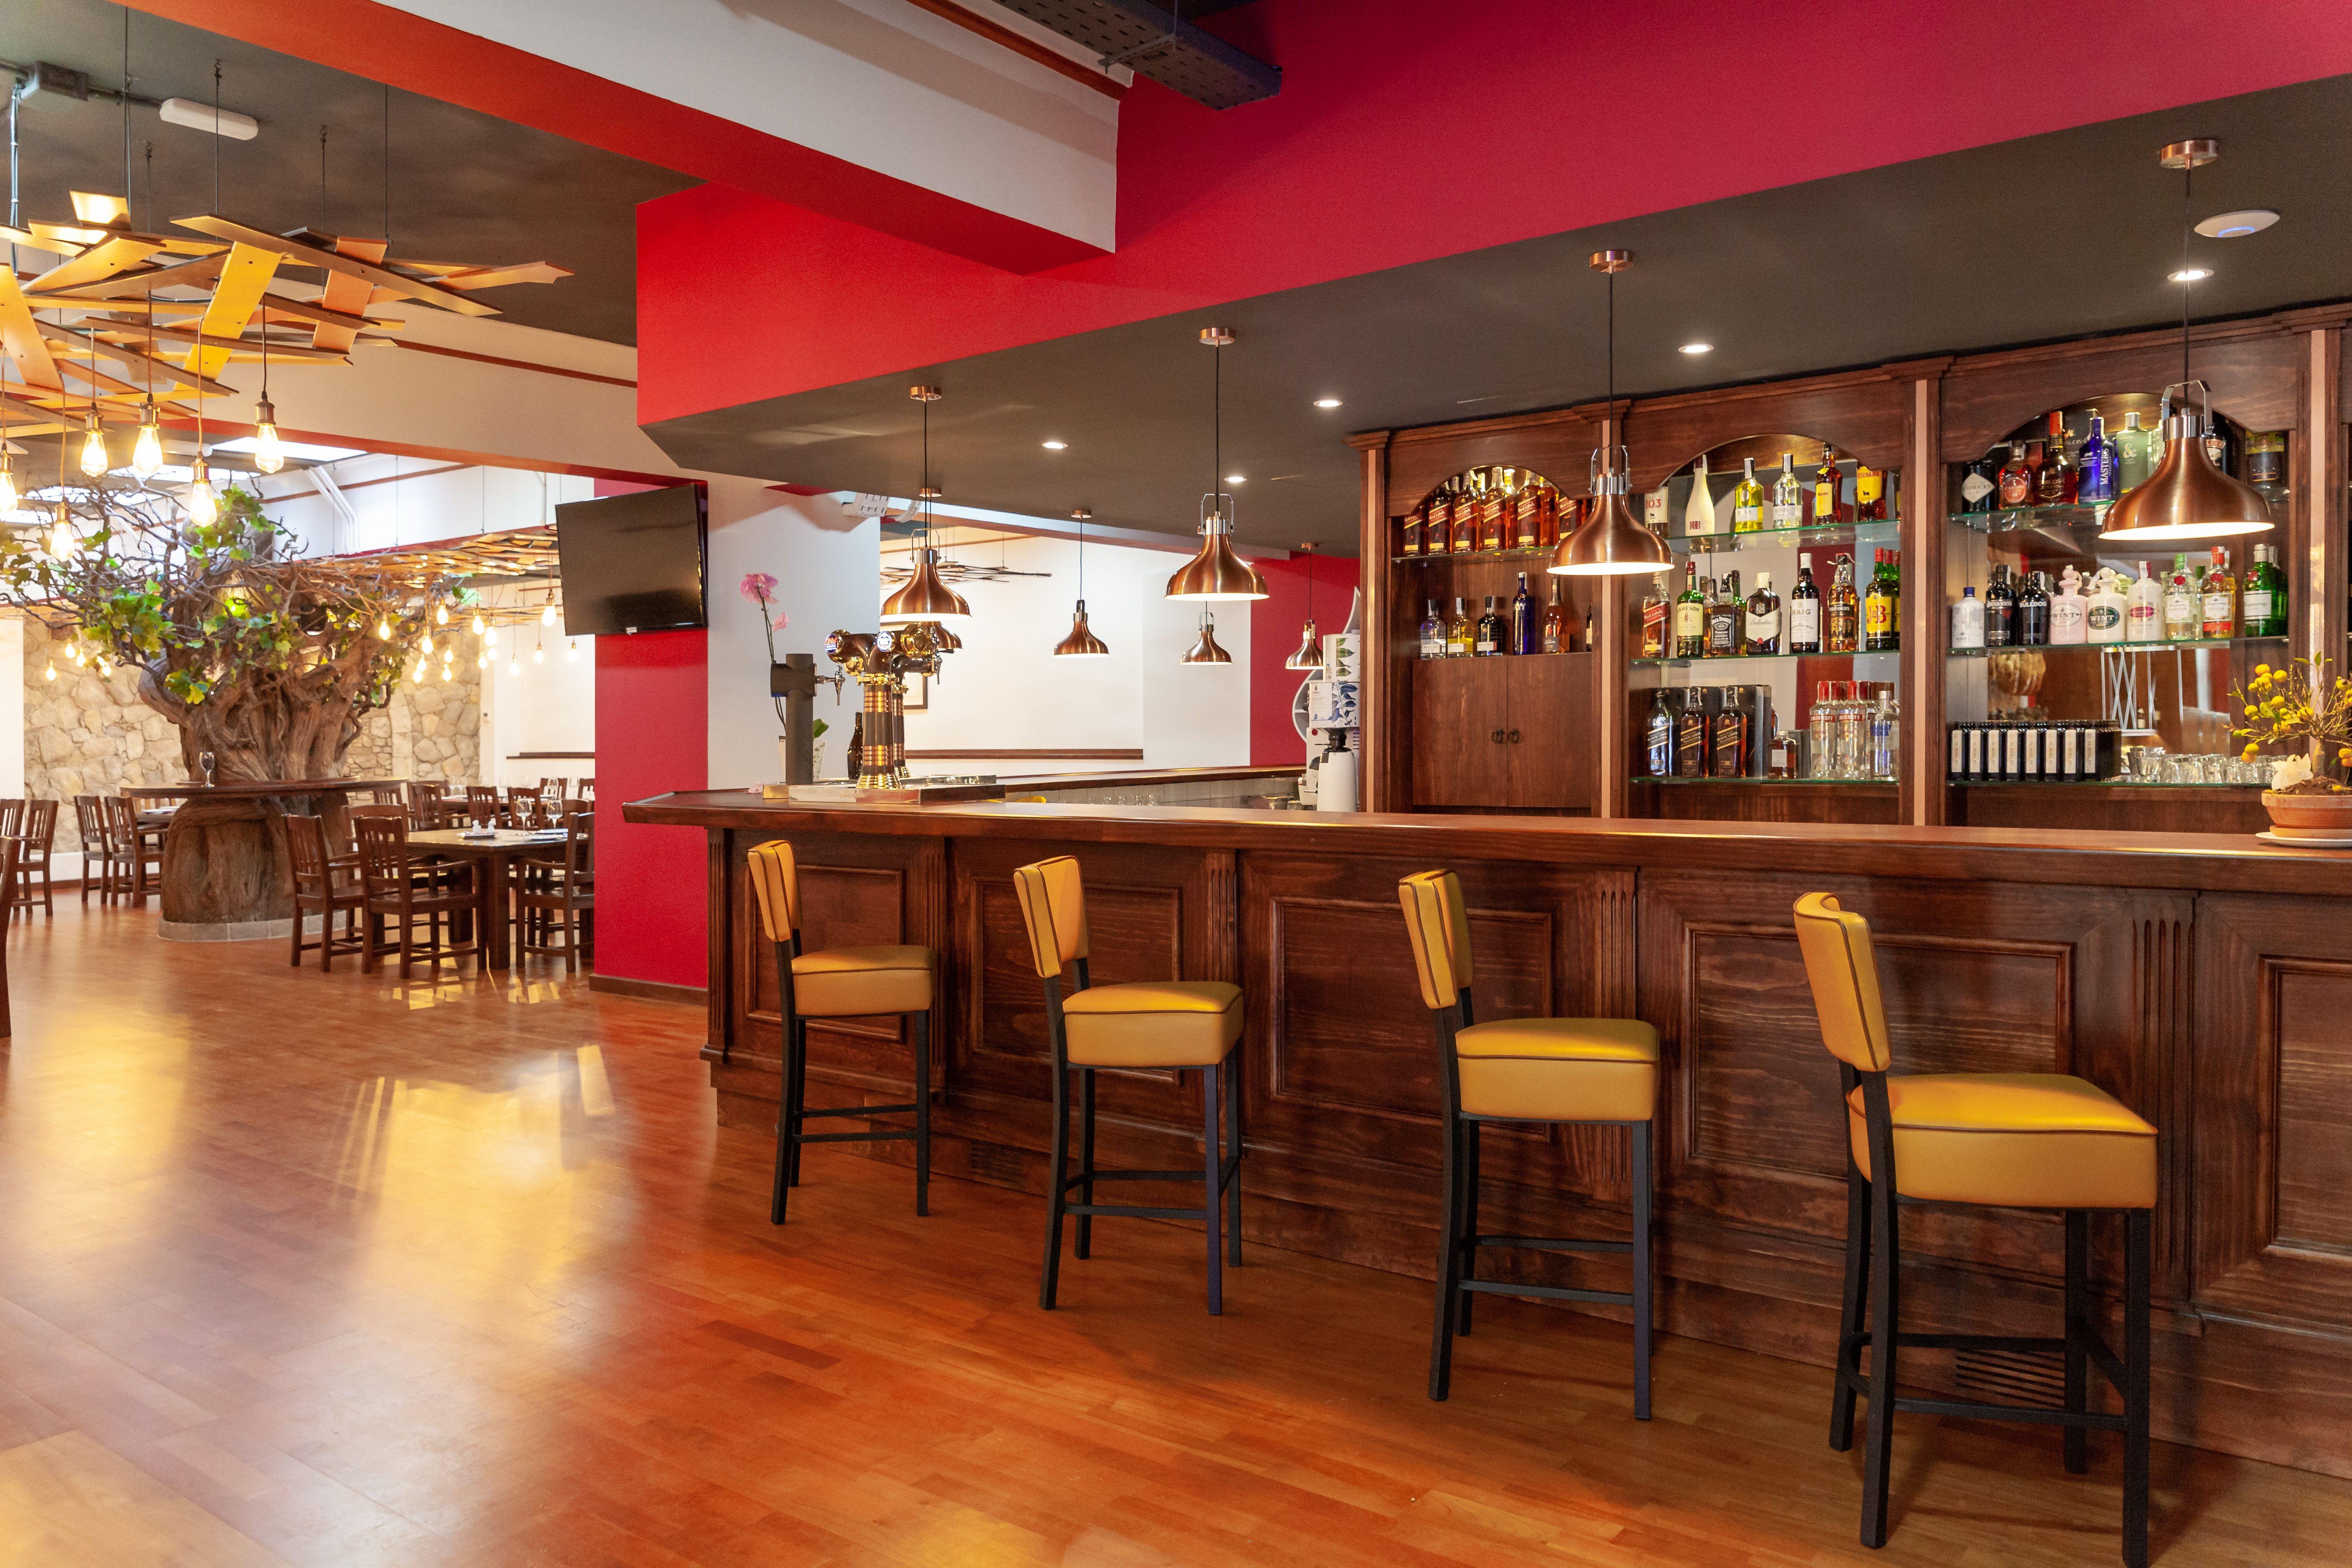 Foto 1 de Cocina canaria en La Orotava | Restaurante Bodegón Tapias